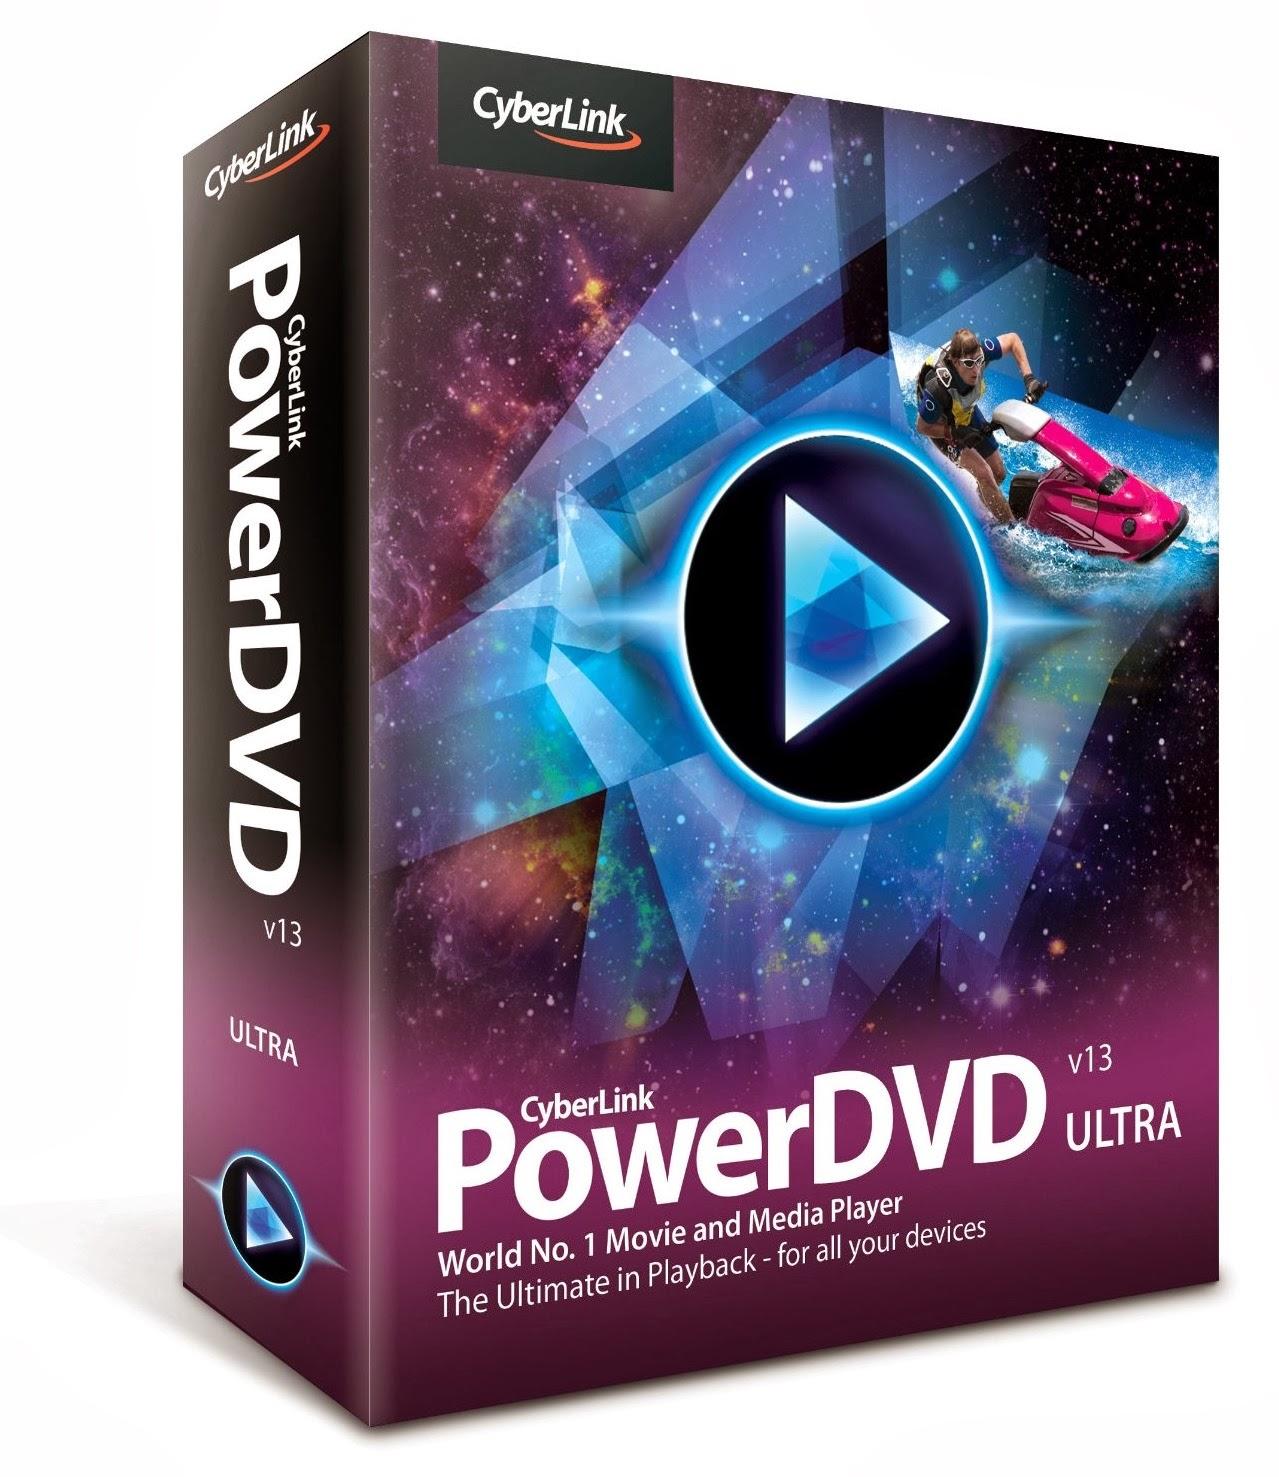 Descargar CyberLink PowerDVD v13.0.3105.58 Ultra Multilenguaje (Español), Reproductor de Blu-Ray HD y DVD Gratis CyberLink+PowerDVD+13